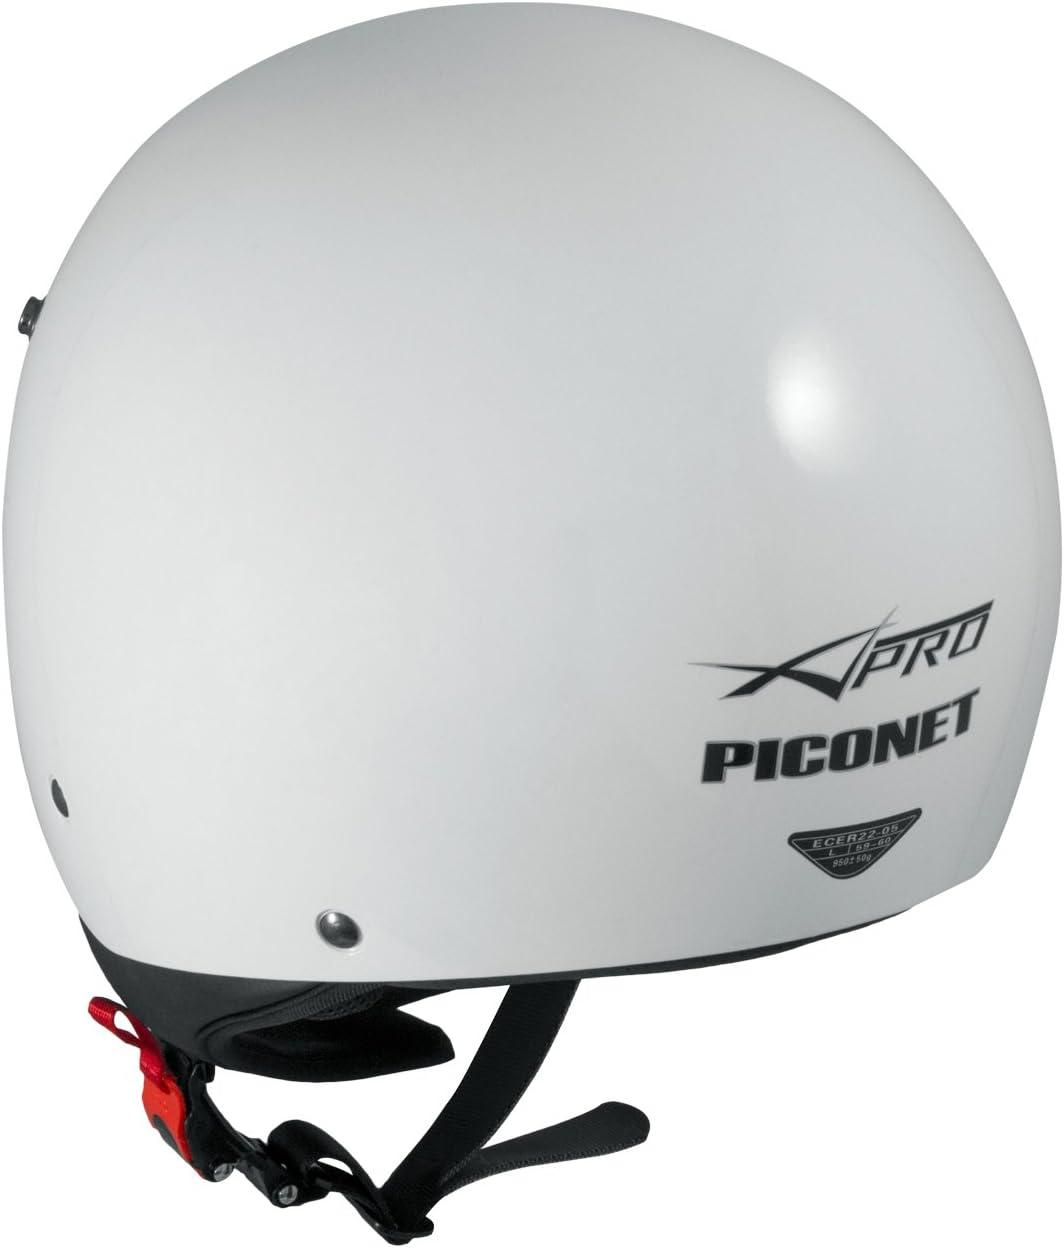 Piconet Casco Jet Frontino Moto Scooter Quad Custom Bianco ECE 22-05 TAGLIA M